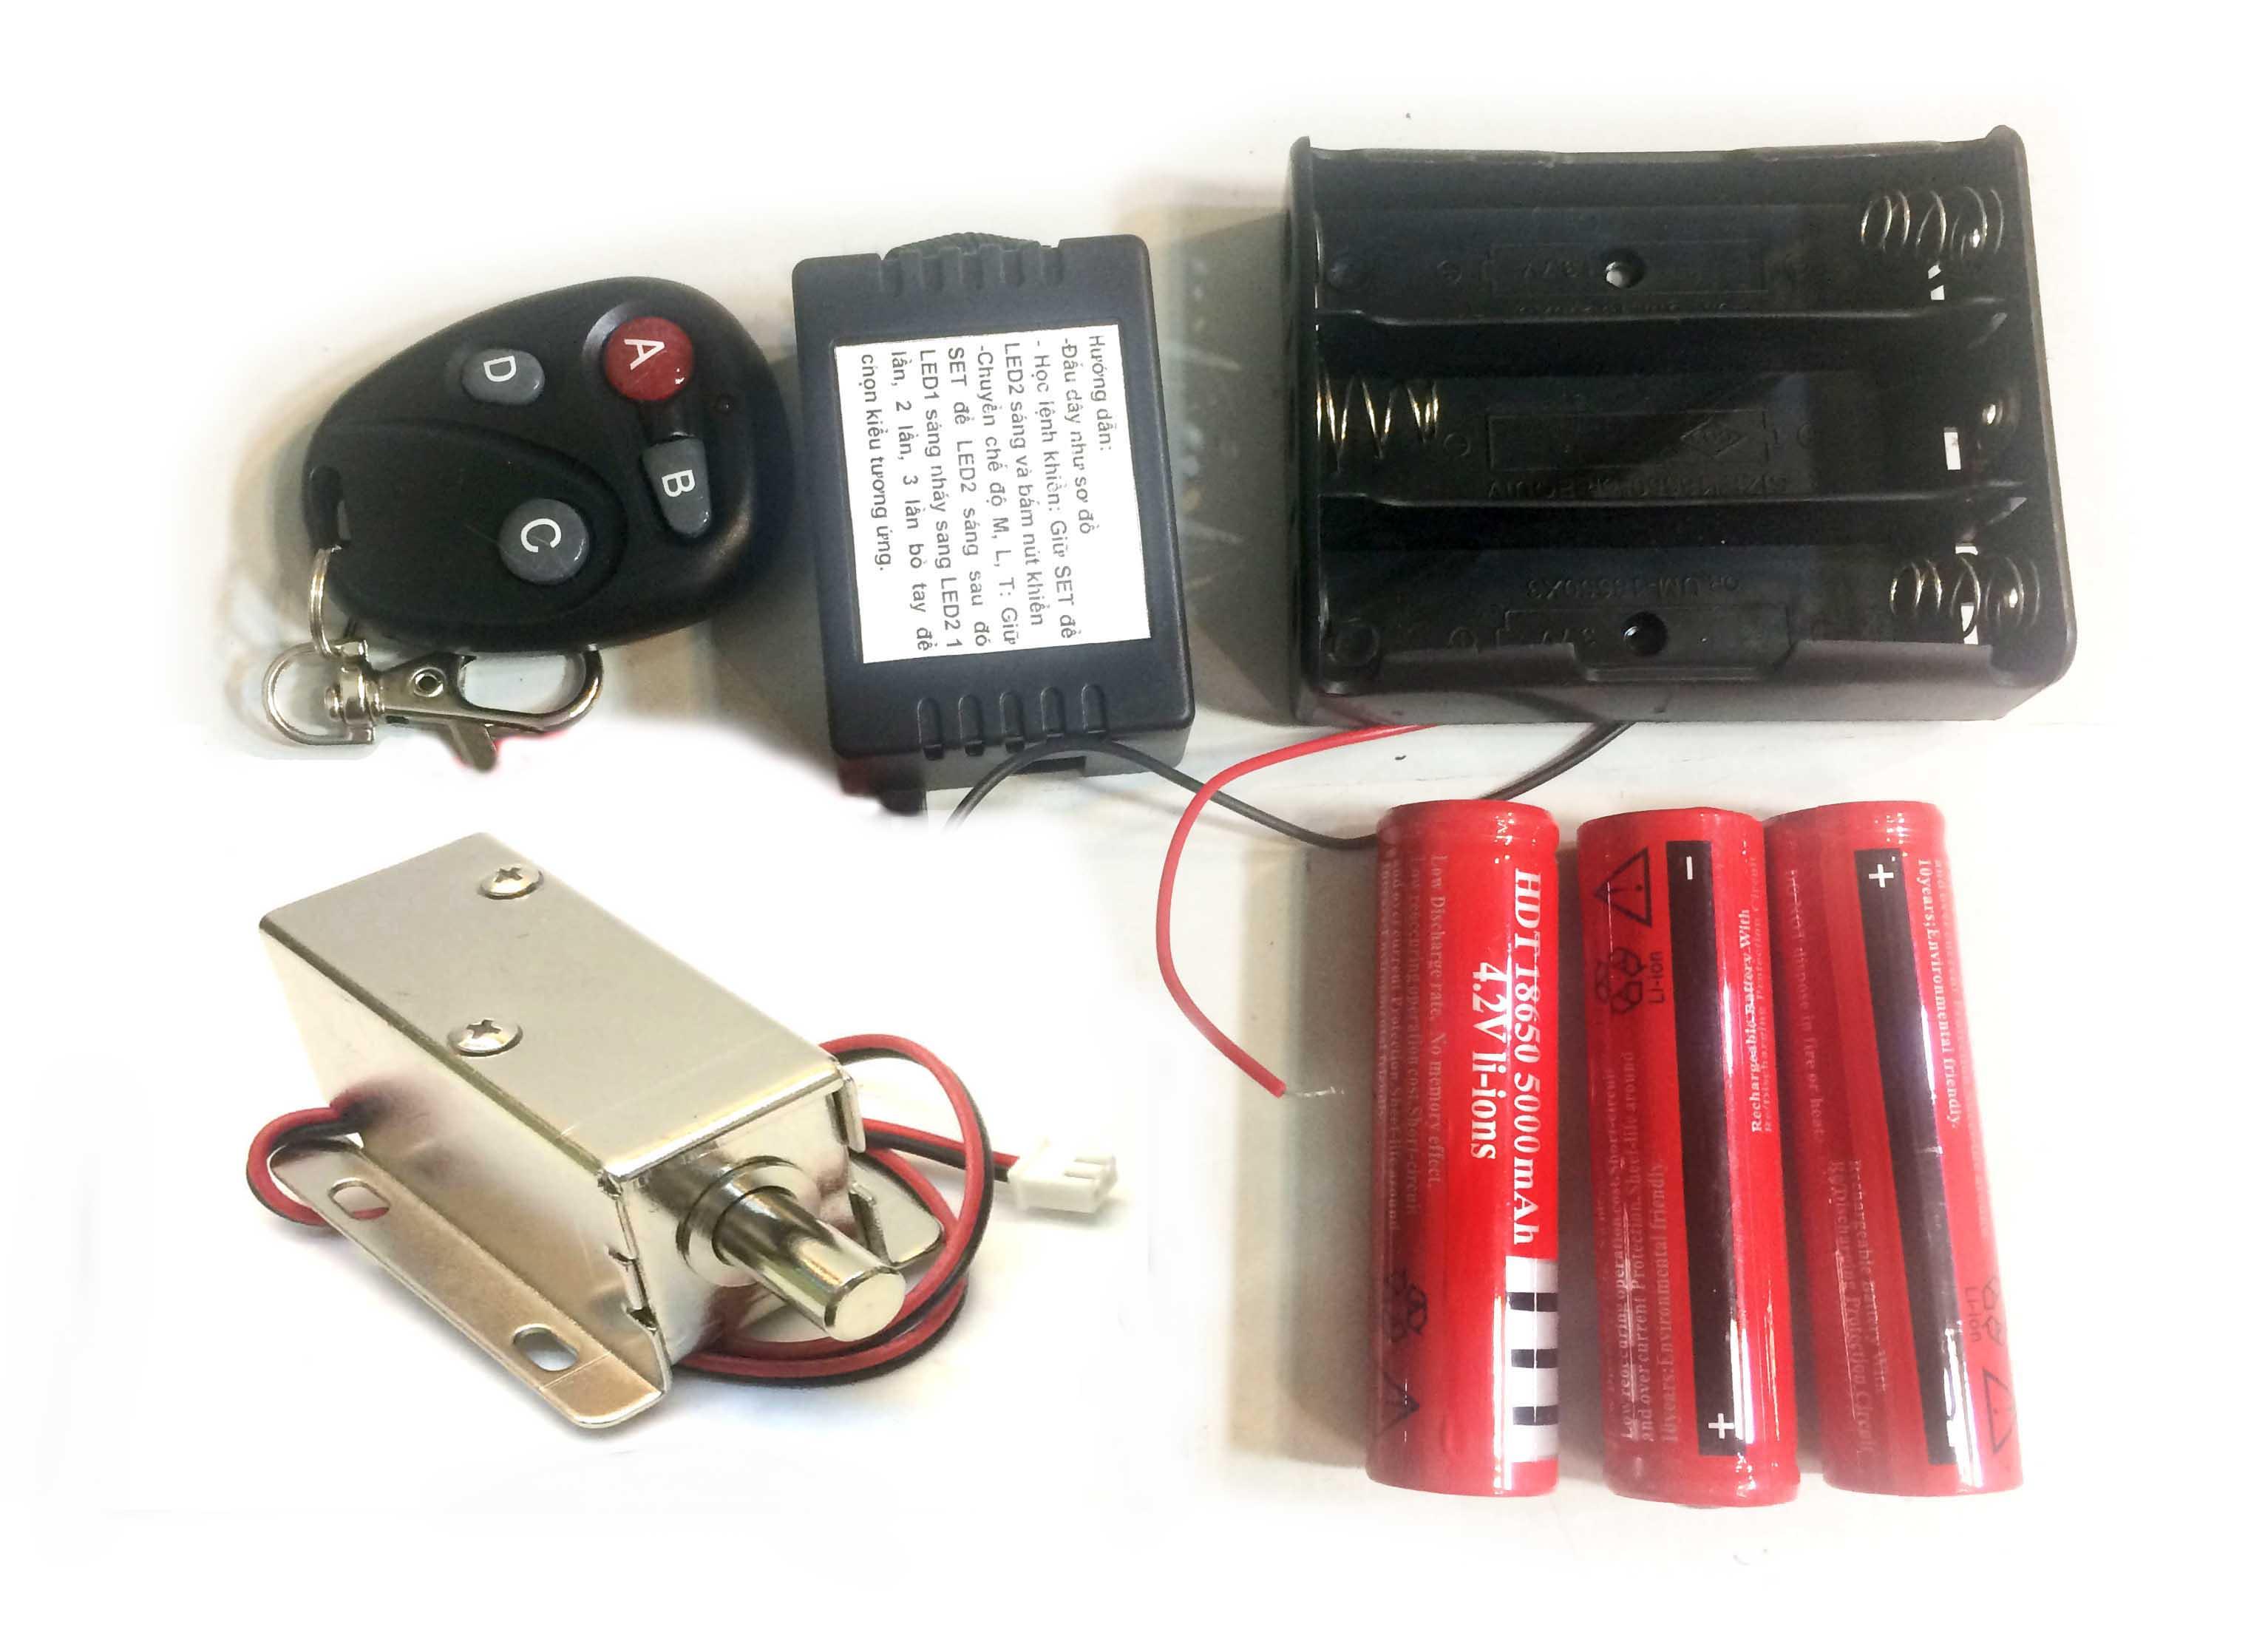 Bộ khóa điện khiển từ xa dùng pin sạc loại chốt